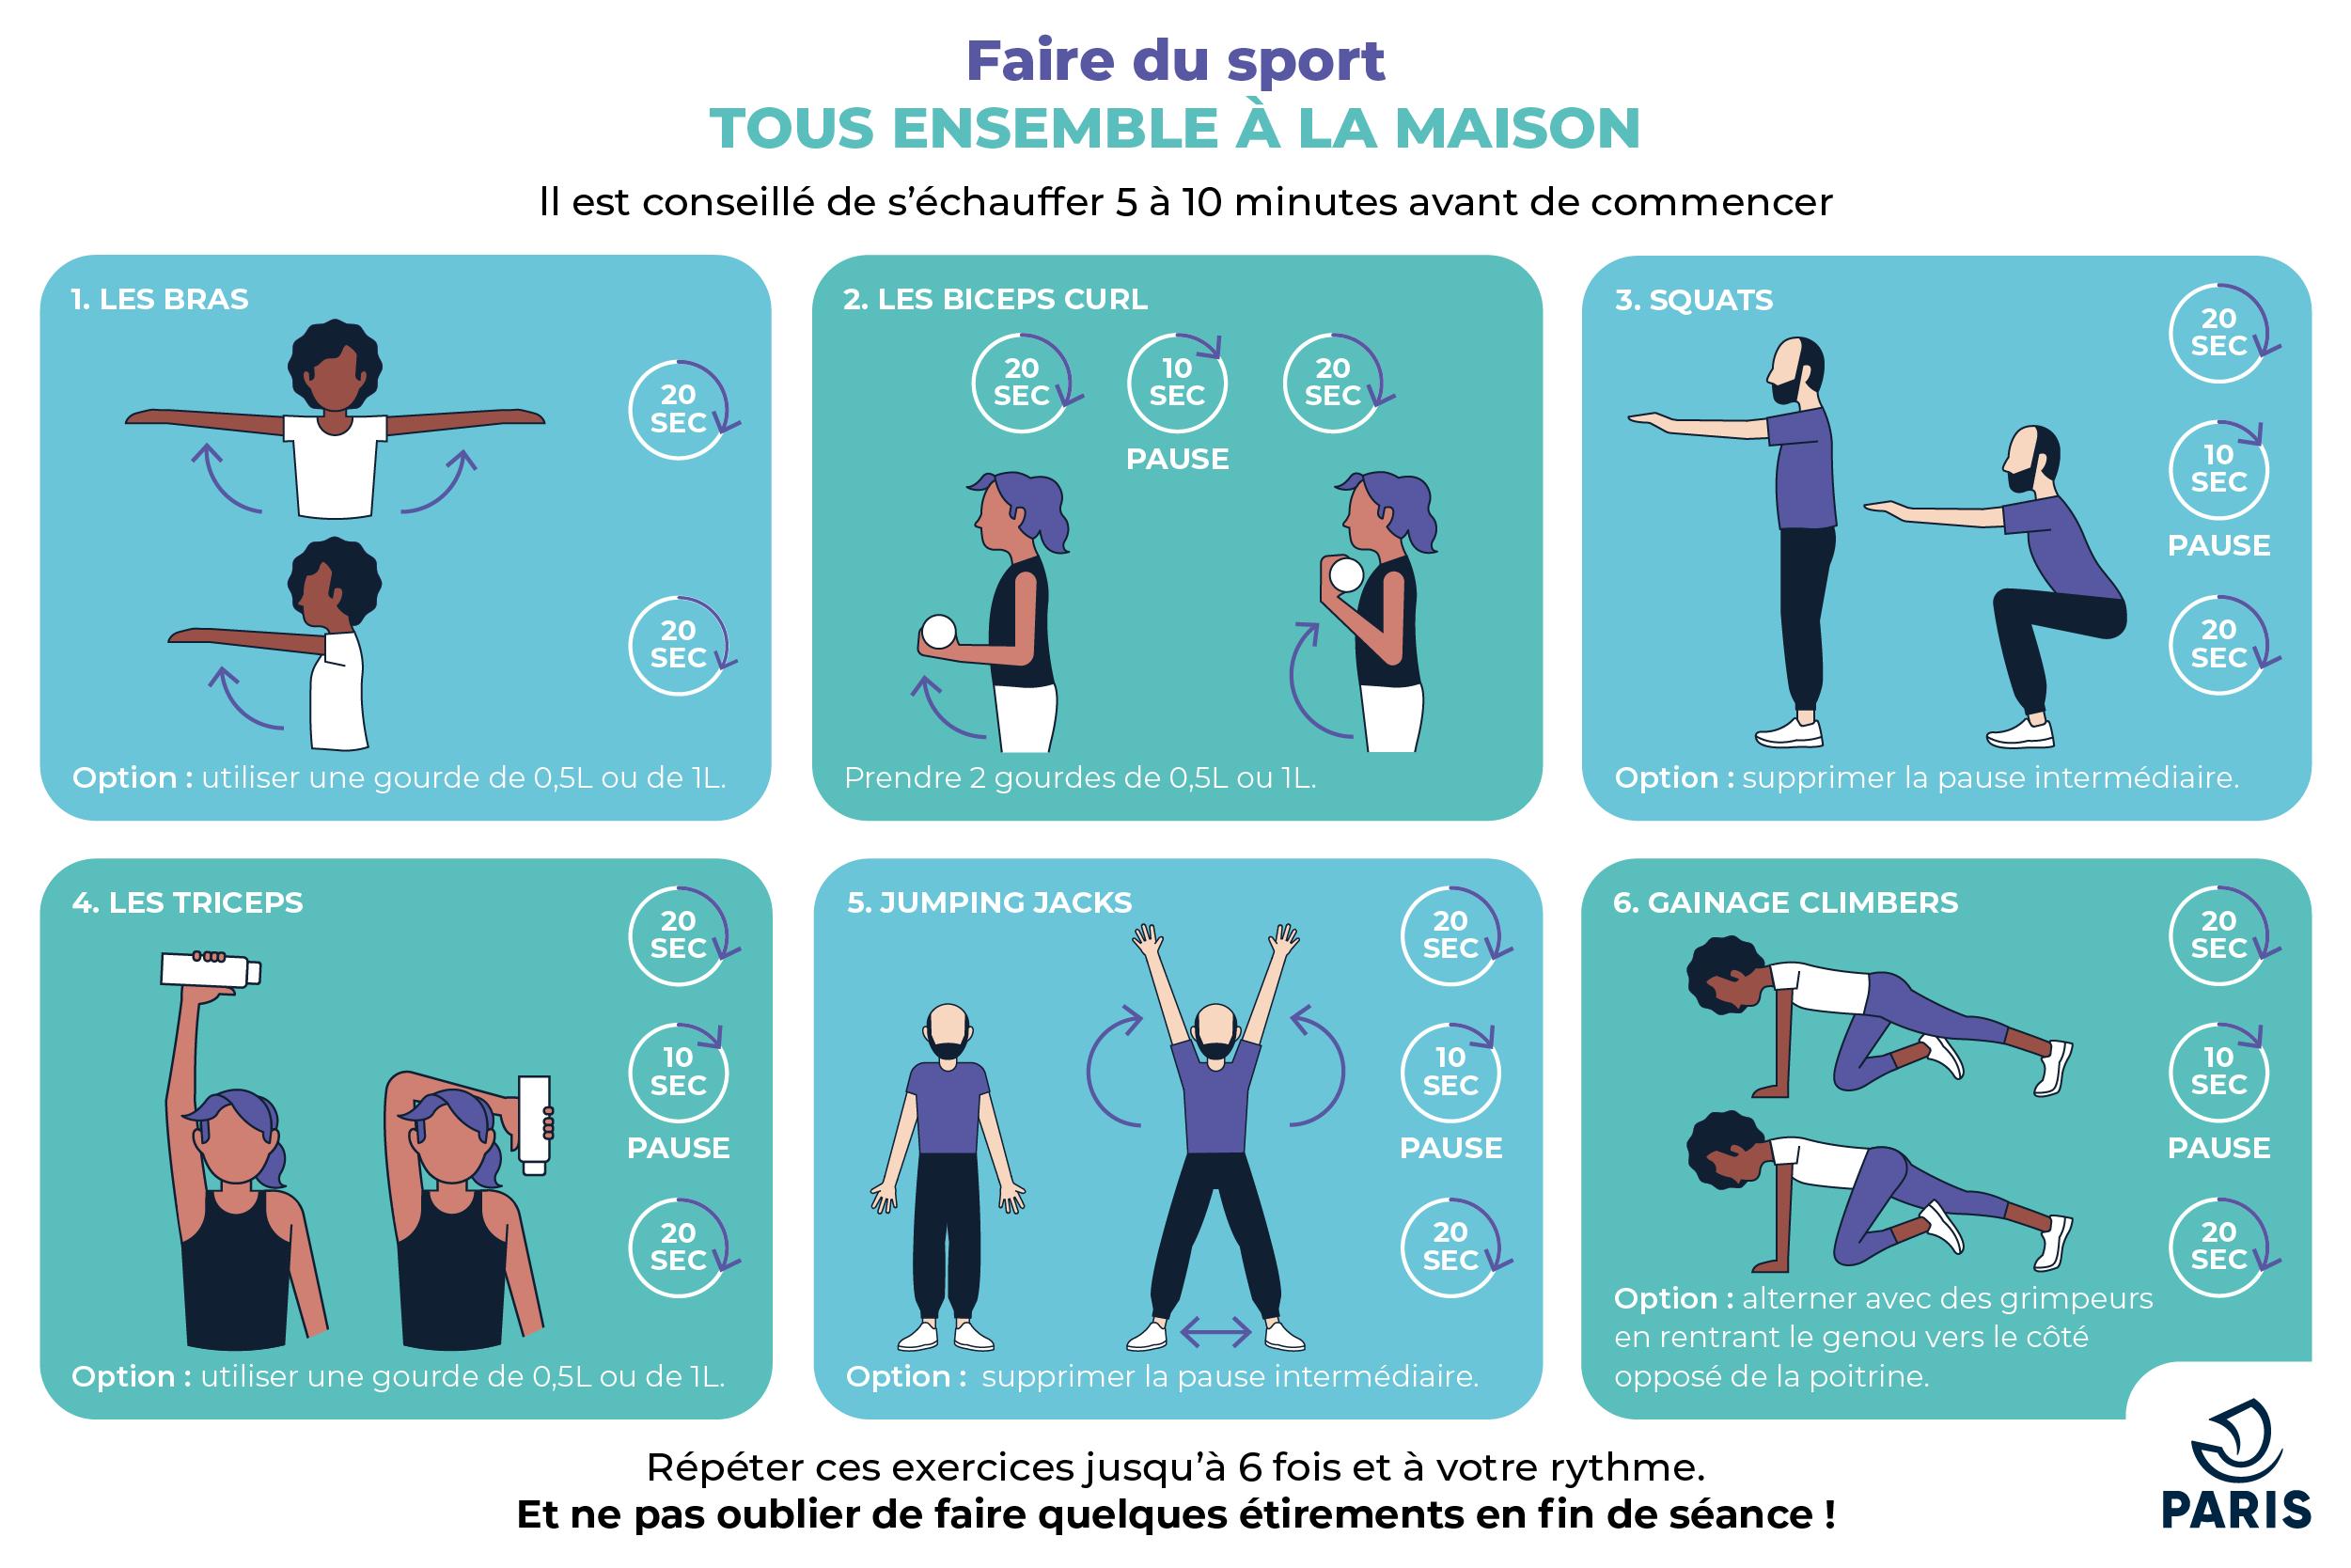 Infographie présentant des exercices de sport à la maison, à faire en famille